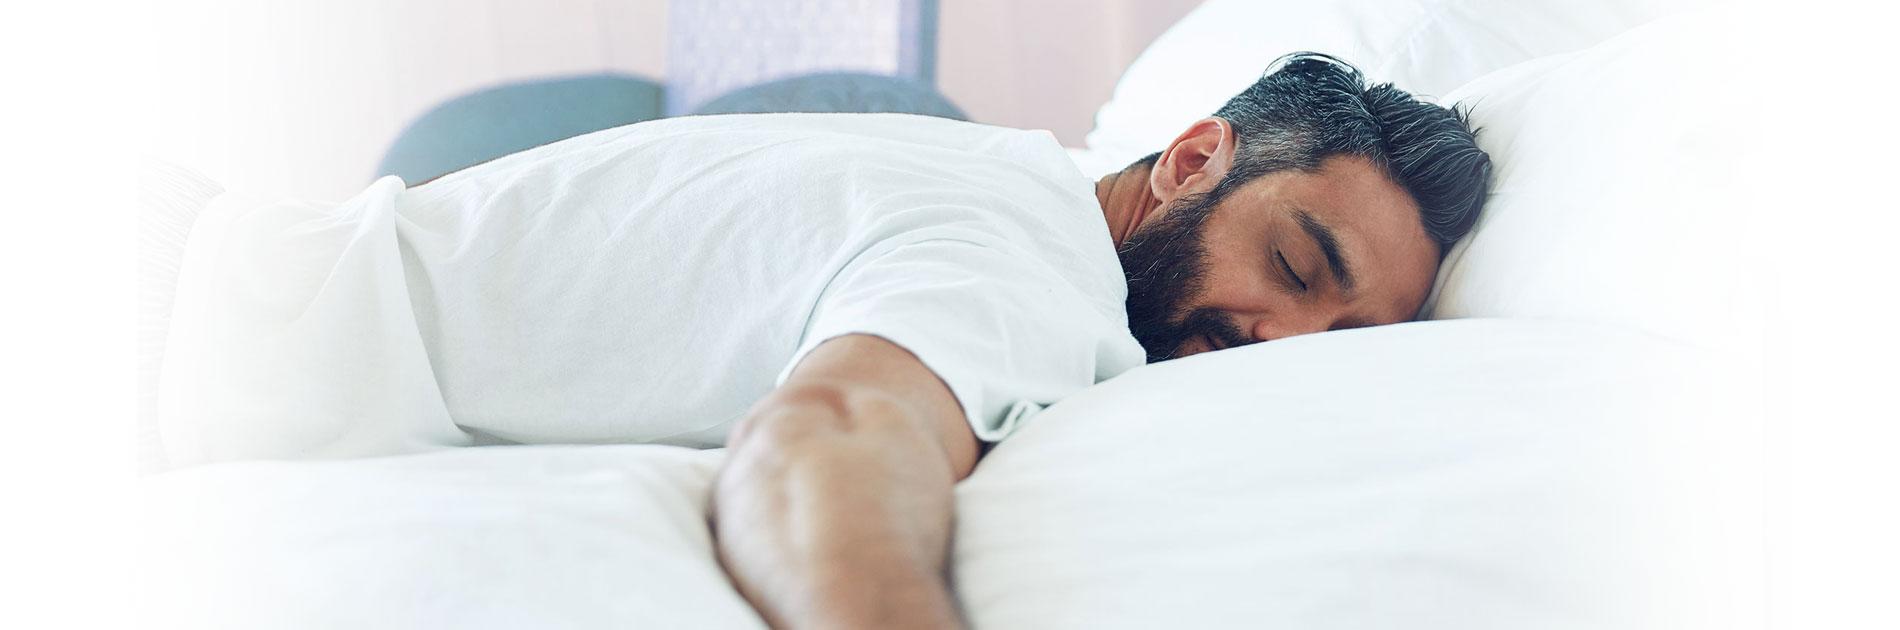 Wie man sich bettet so schläft man! Guter Schlaf ist nicht selbstverständlich.